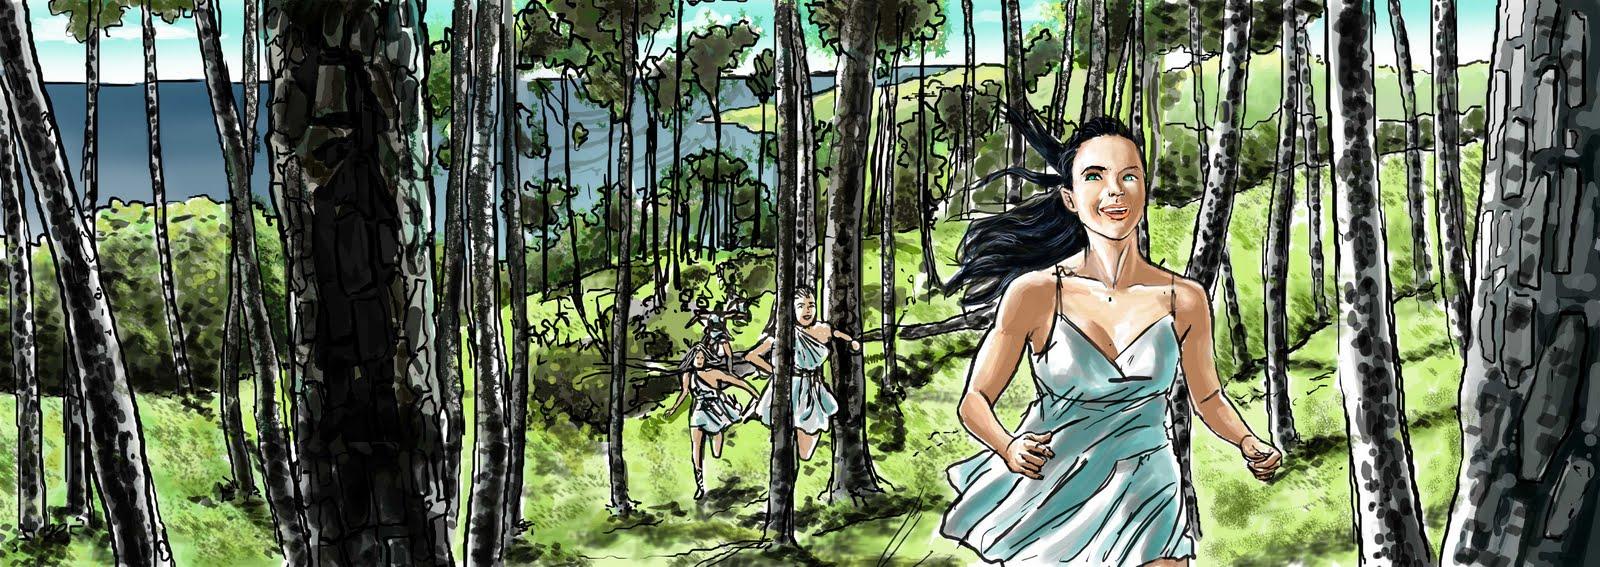 Wonder Woman Storyboards by Cesar Lemus